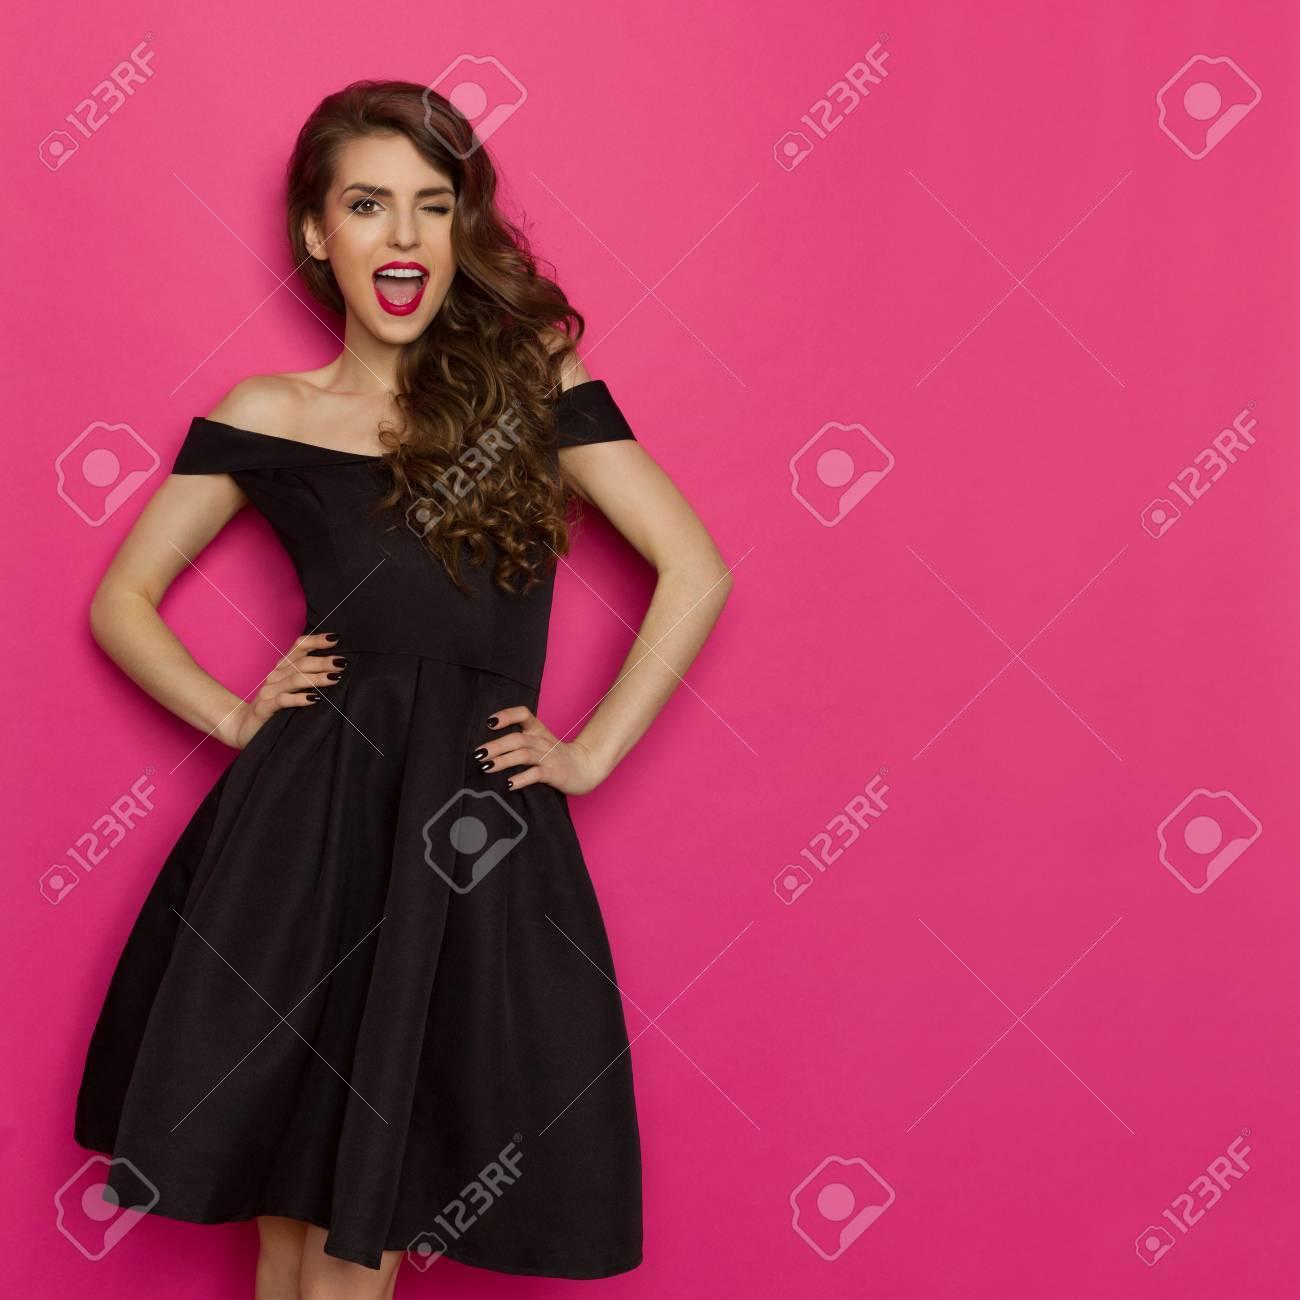 70ca3fe01a0 Belle Jeune Femme En élégante Robe De Cocktail Noir Se Tient La Main Sur La  Hanche